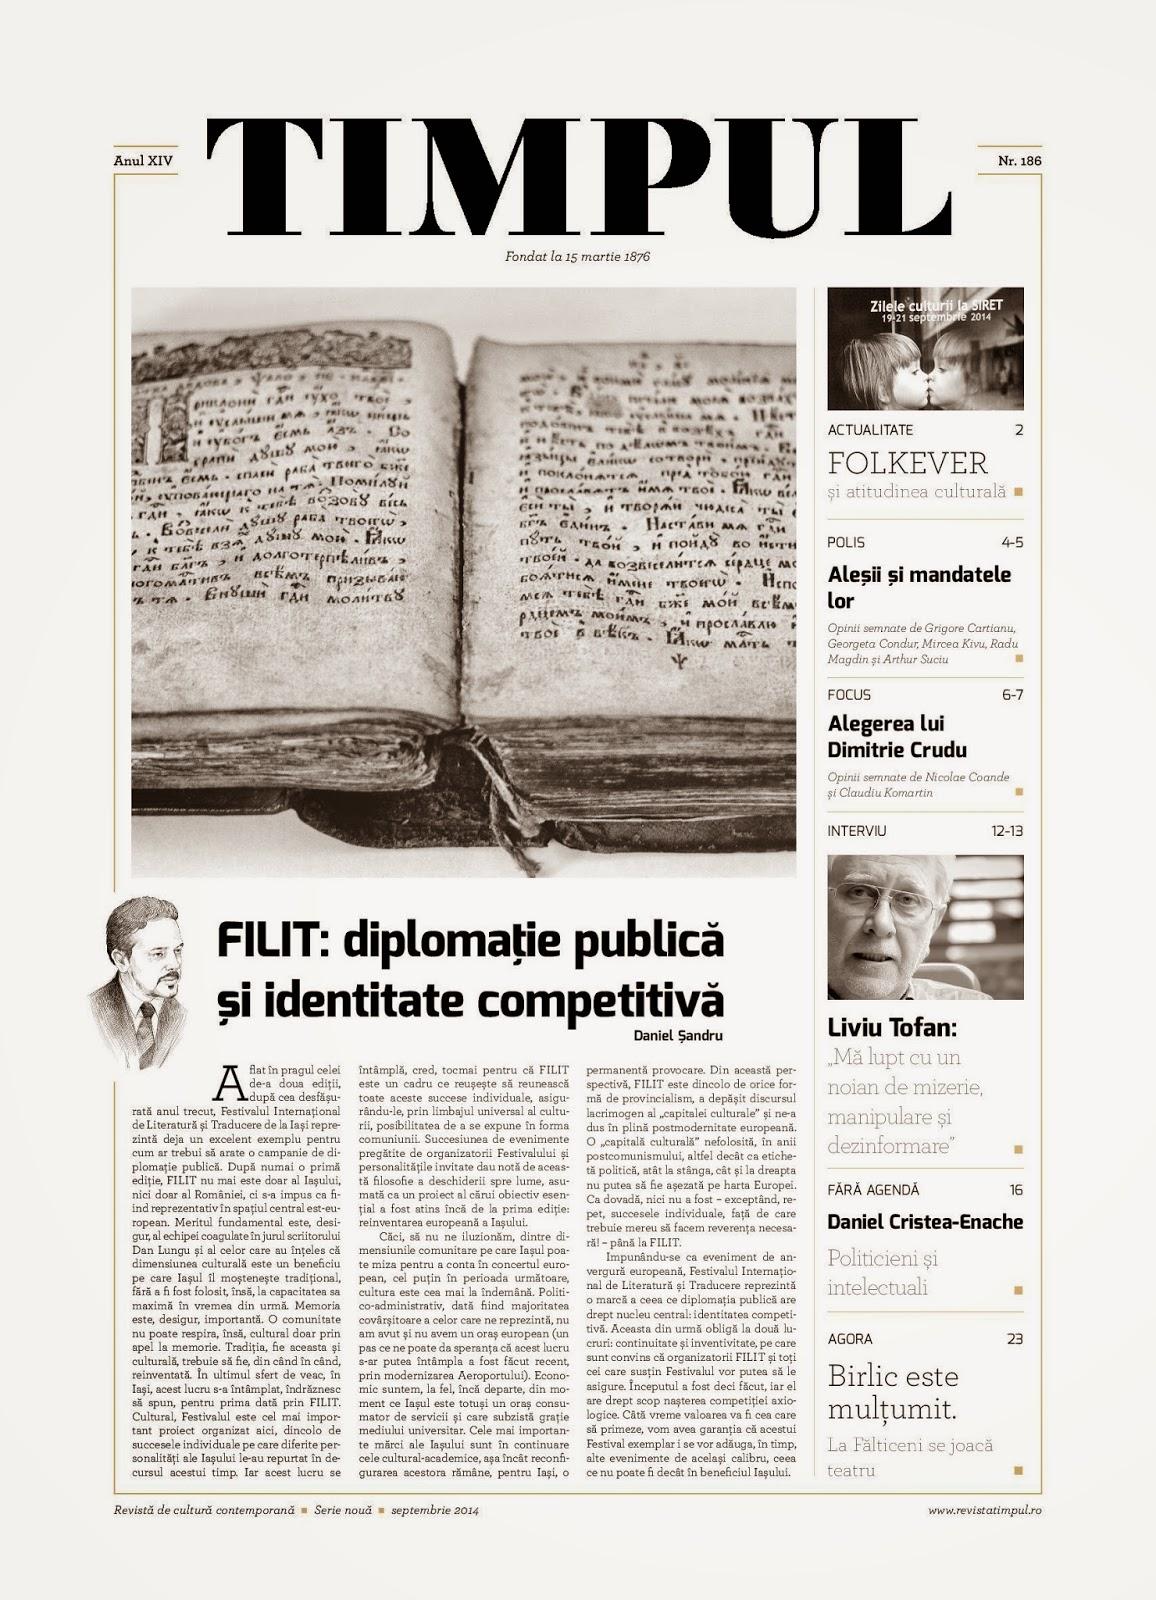 http://revistatimpul.ro/reviste/186/